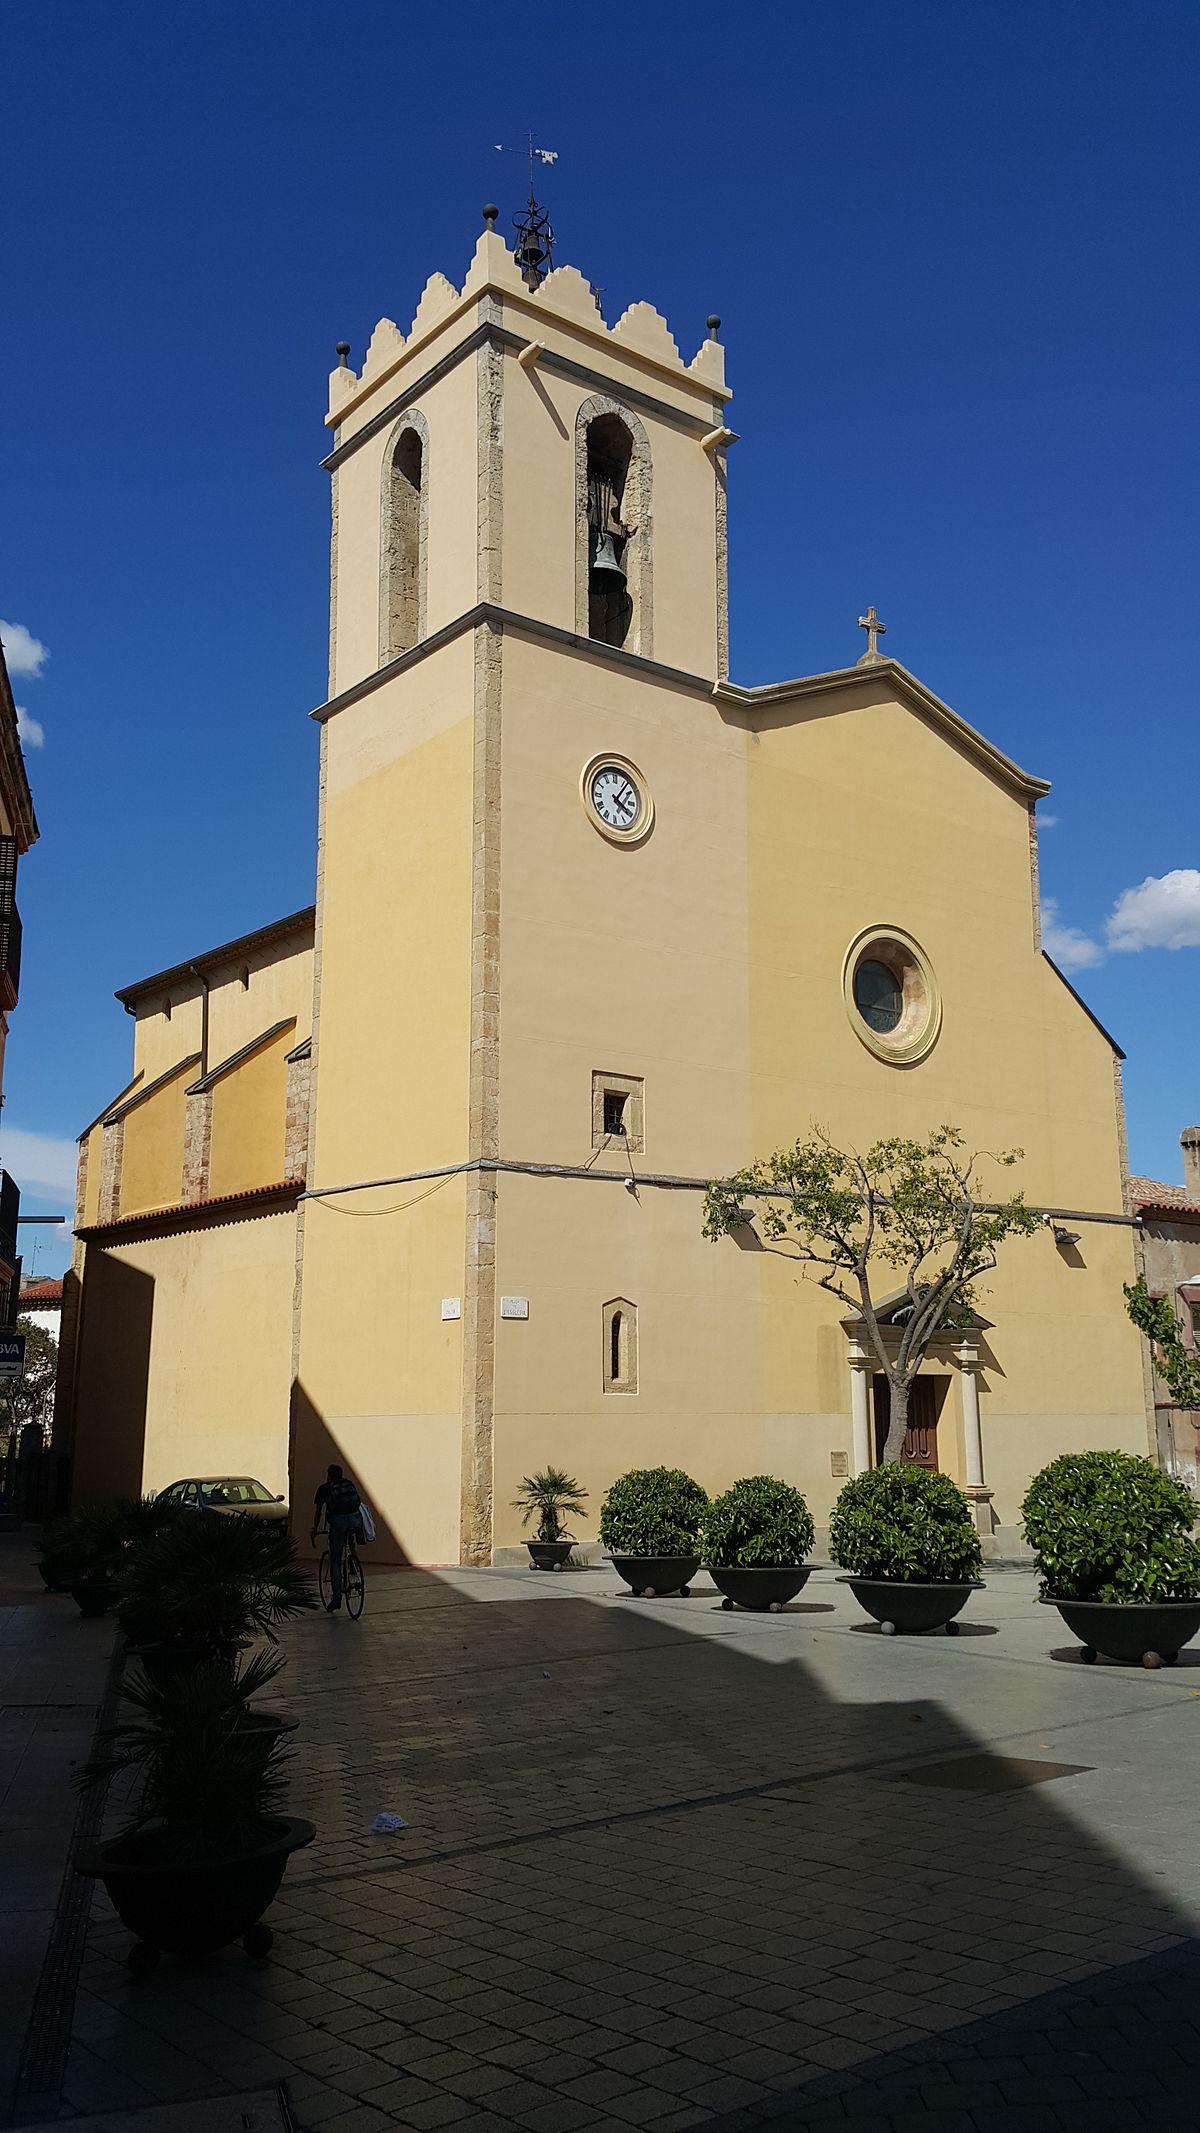 Església de Sant Vicenç (Castellbisbal) - Viquipèdia, l ...